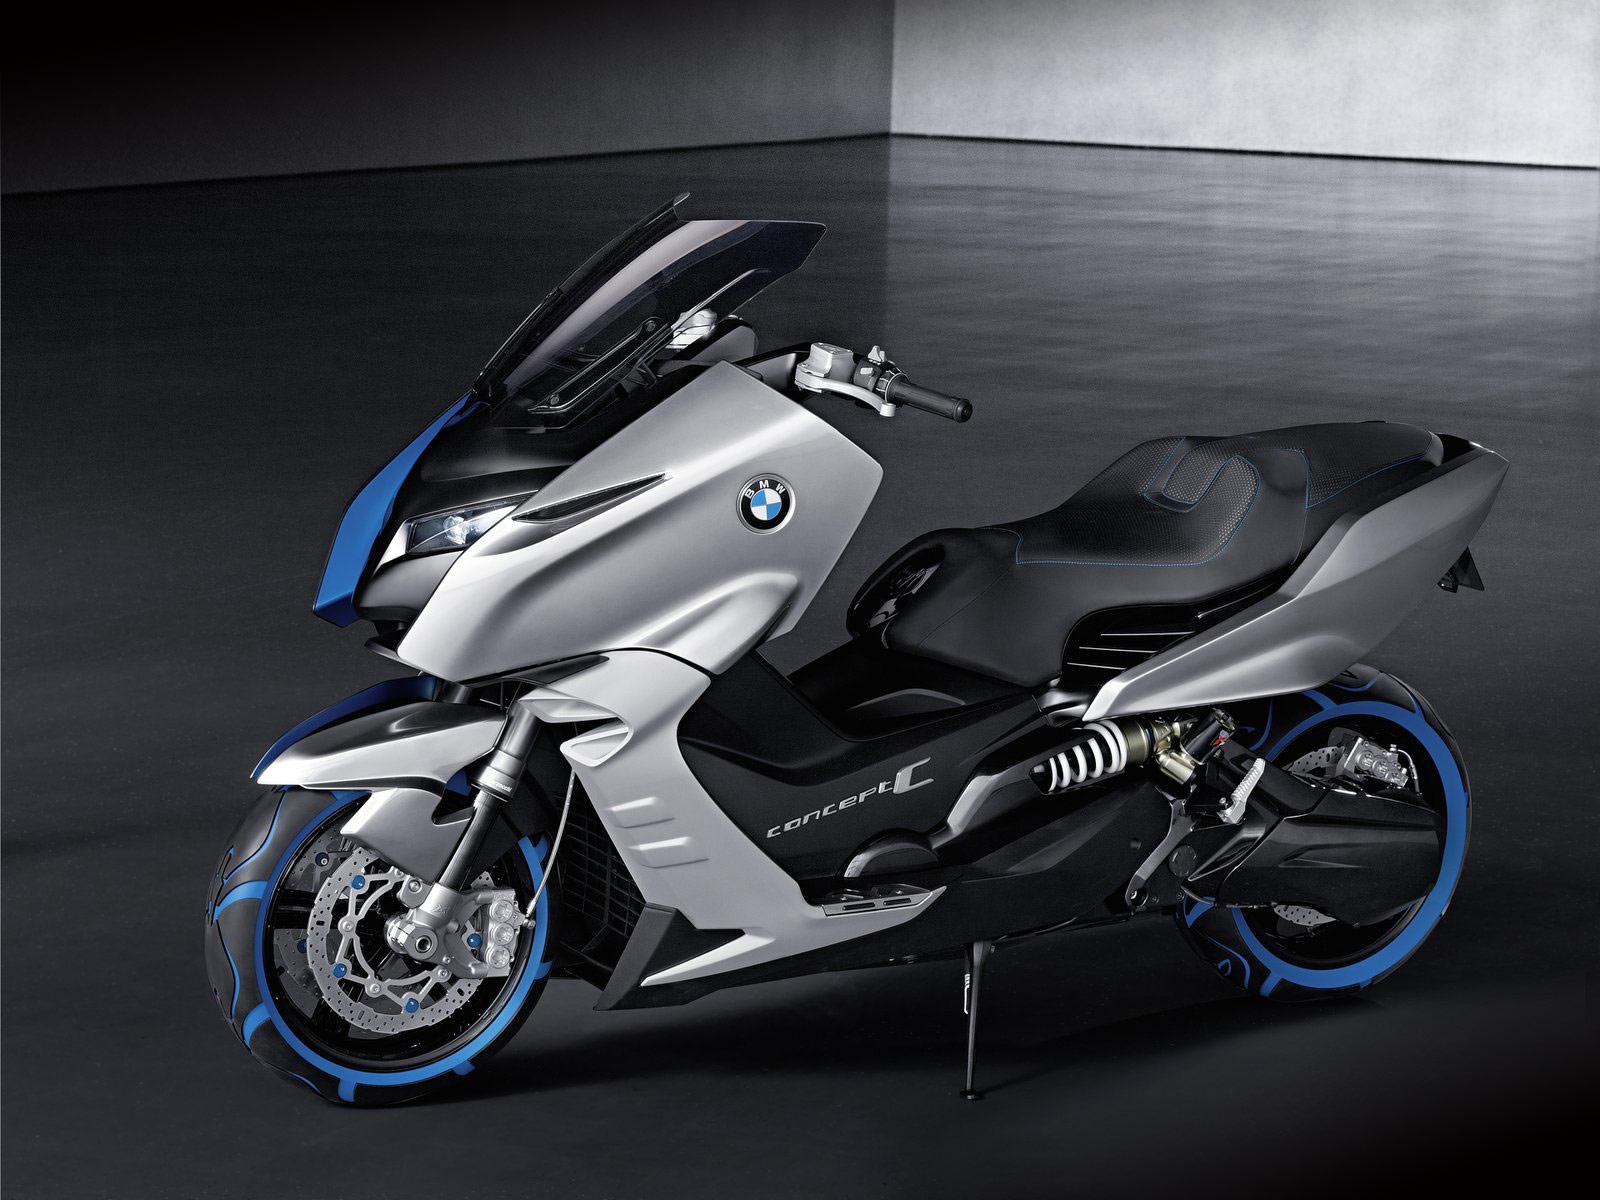 http://1.bp.blogspot.com/_ctd4qzl4Yp0/TNuDWG6rkKI/AAAAAAAAEJc/6FA_wmIBrBM/s1600/BMW_Scooter_C_Concept_2010_04.jpg